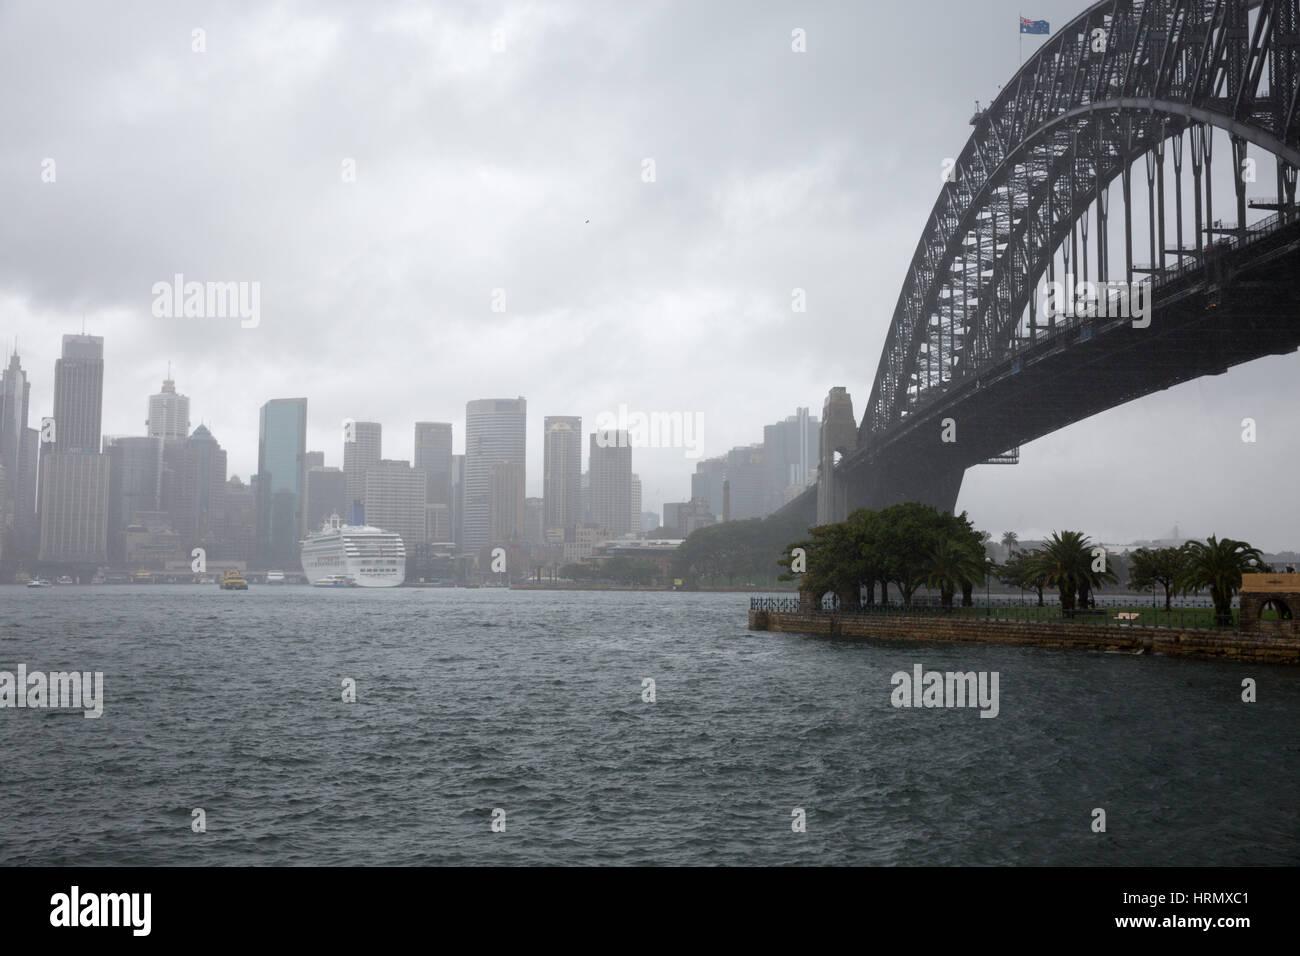 Sydney, Australien. 3. März 2017. Eine Woche nach starken Regenfällen und Gewittern in Sydney und Teile von New South Wales fortsetzt, Sturzfluten in Teilen des Staates am kommenden Wochenende dürfte. Bildnachweis: Martin Beere/Alamy Live News Stockfoto